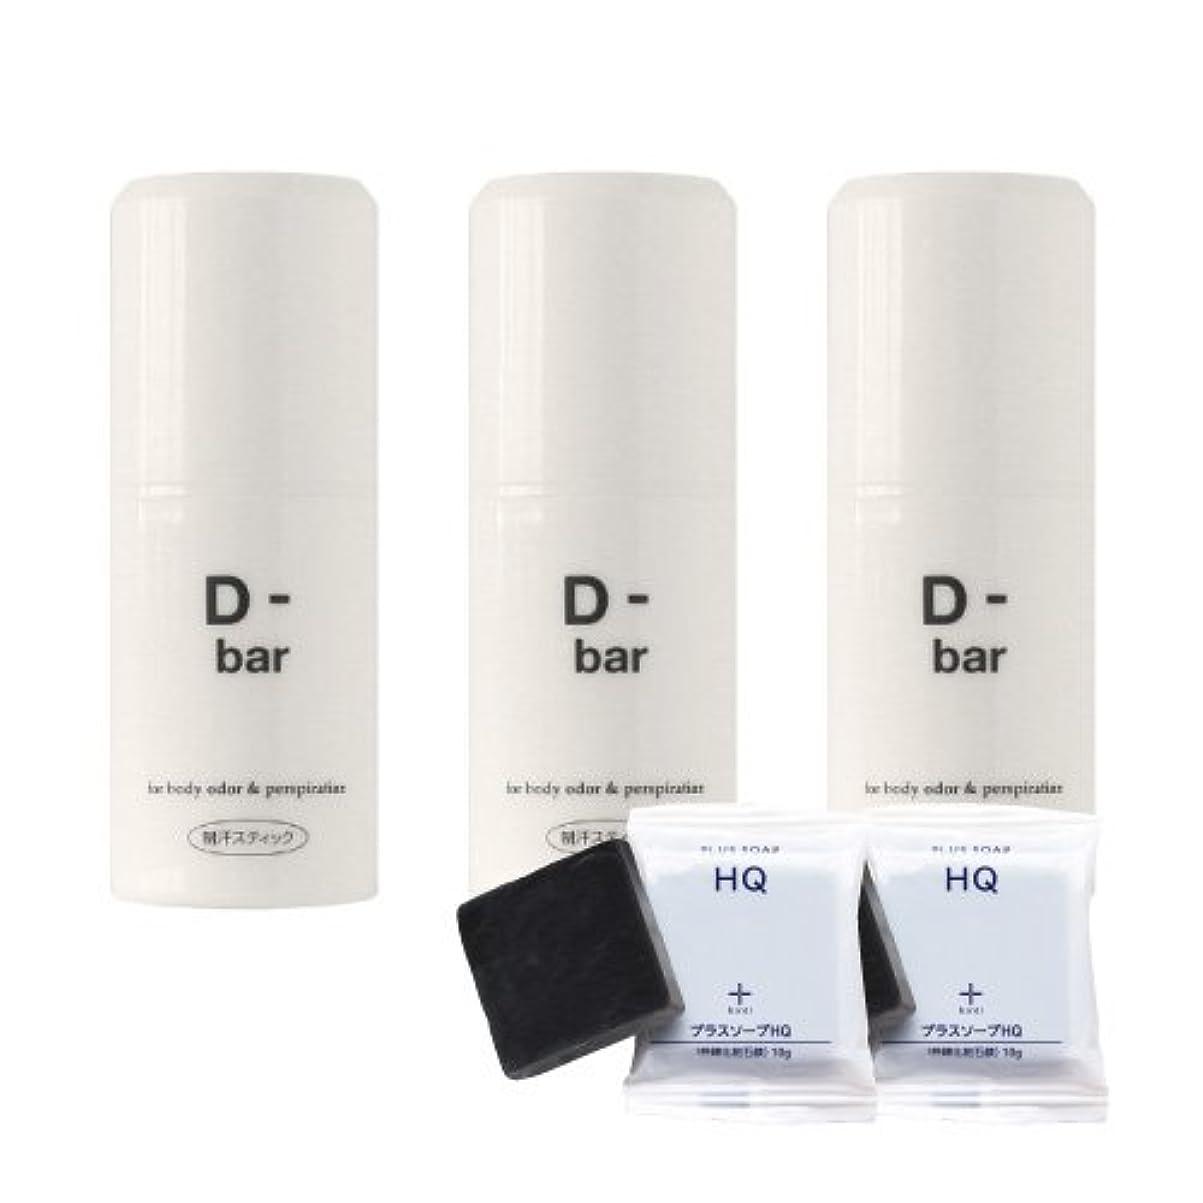 弾薬差し控える狂乱D-bar(ディーバー) 15g 3本 + プラスソープHQミニ 2個